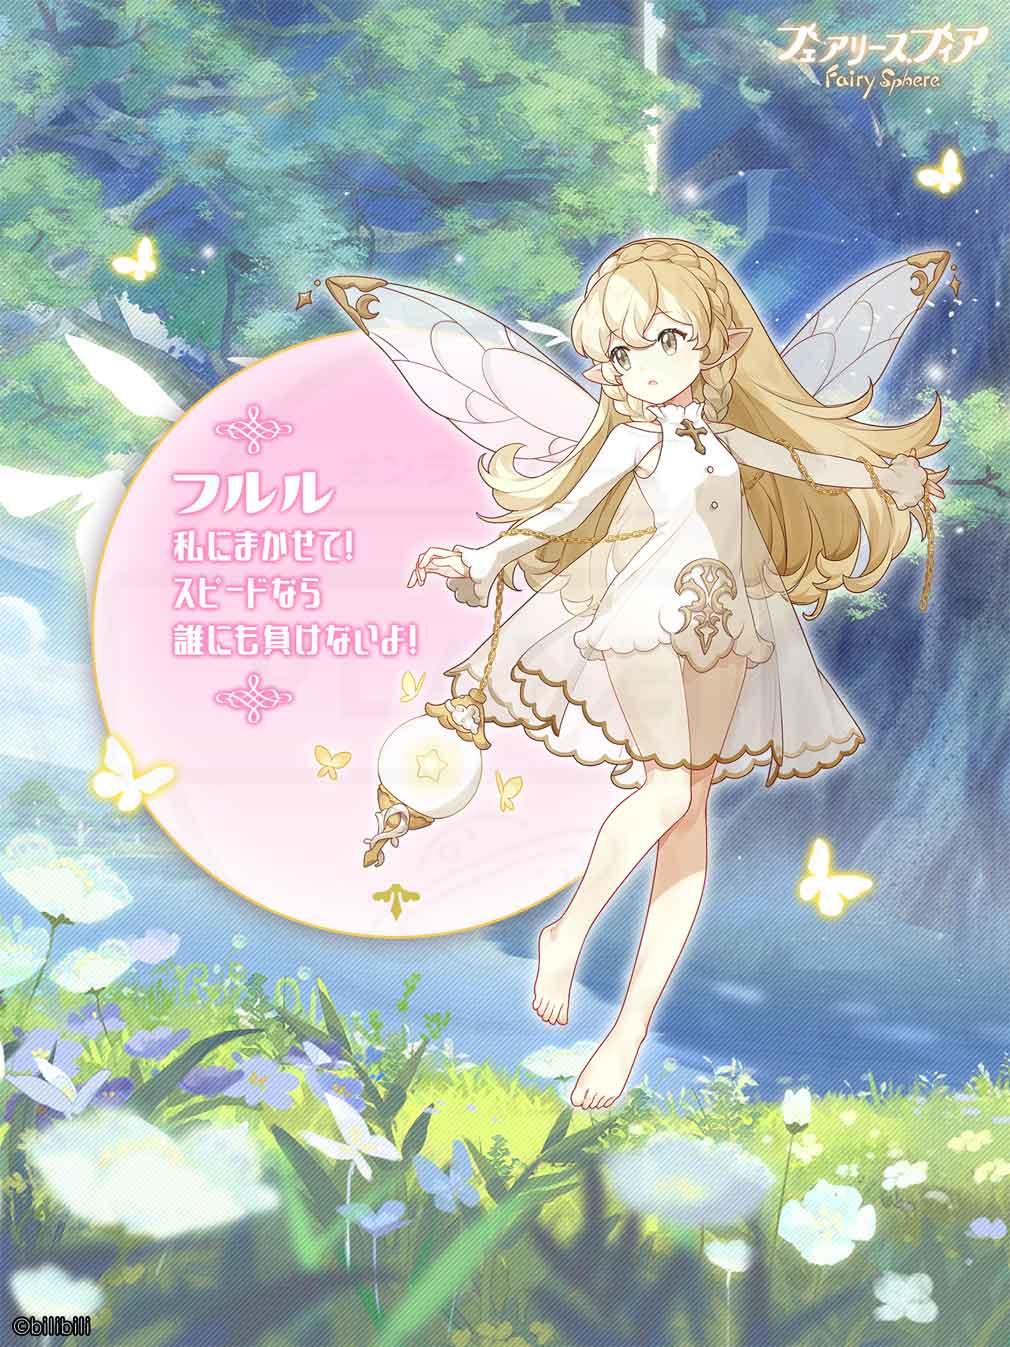 フェアリースフィア(フェアリス) 妖精キャラクター『フルル』紹介イメージ